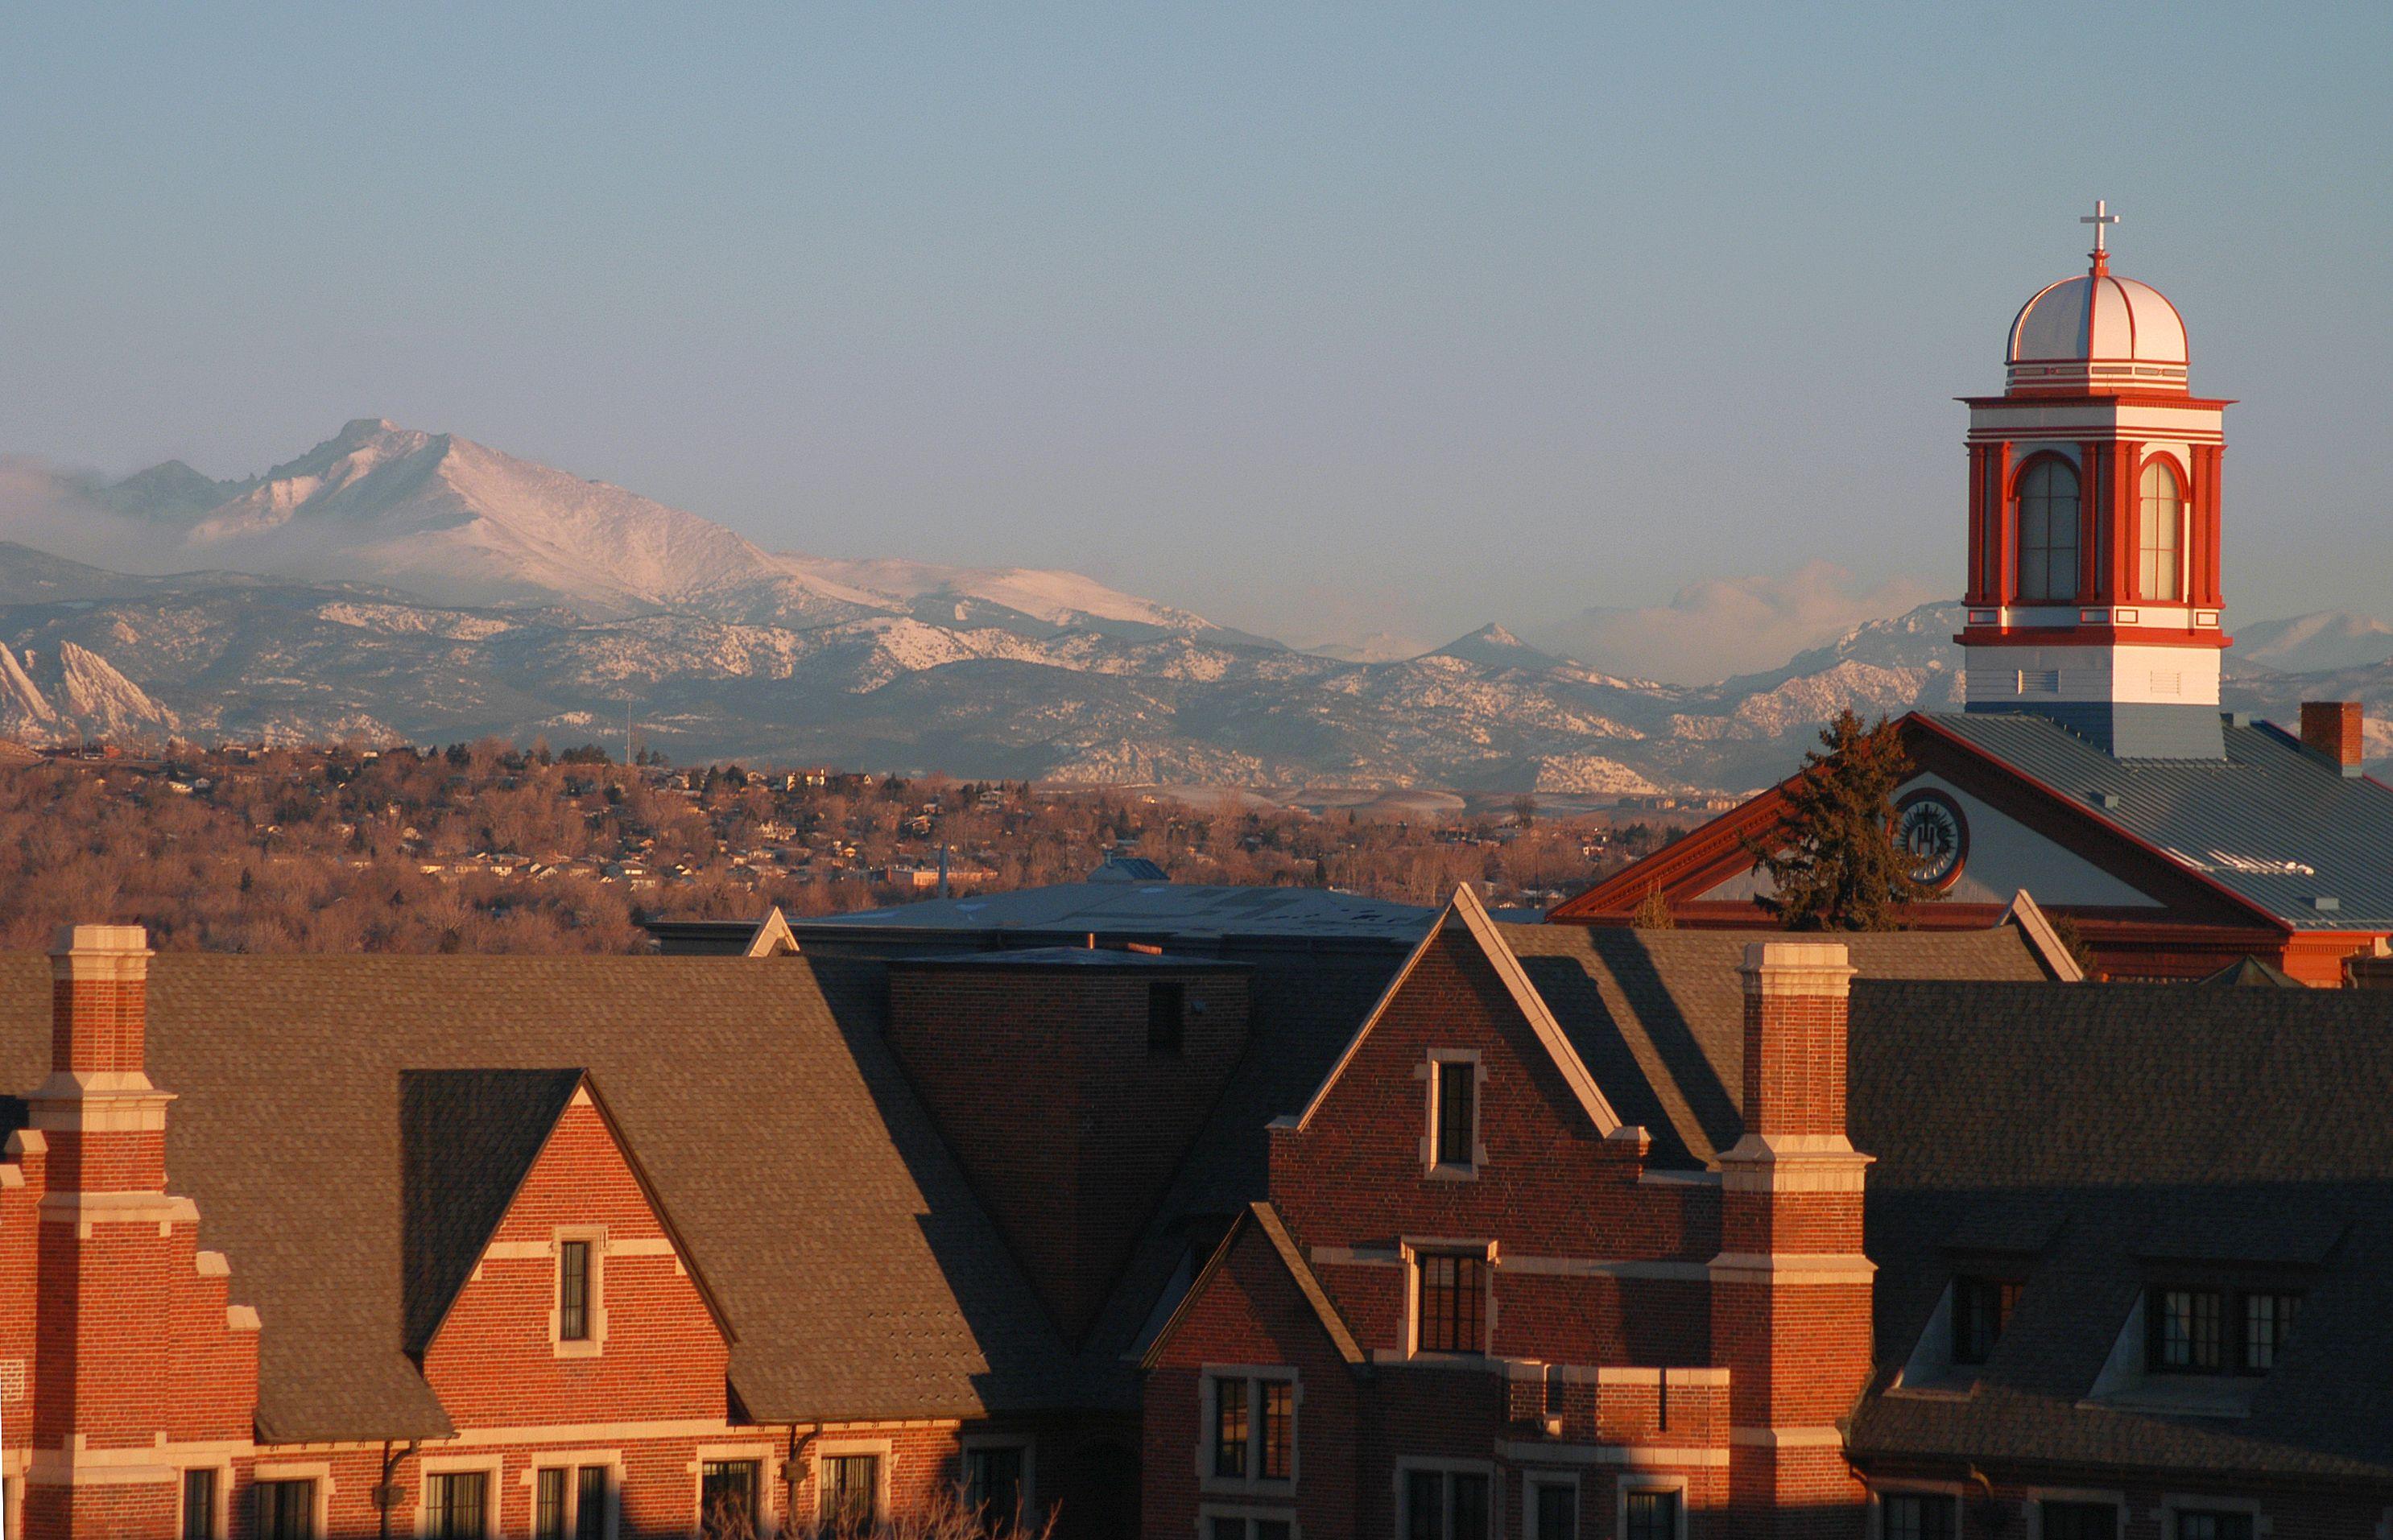 Colleges In Denver Colorado >> Based In Denver Colorado Regis University Is Divided Into Three